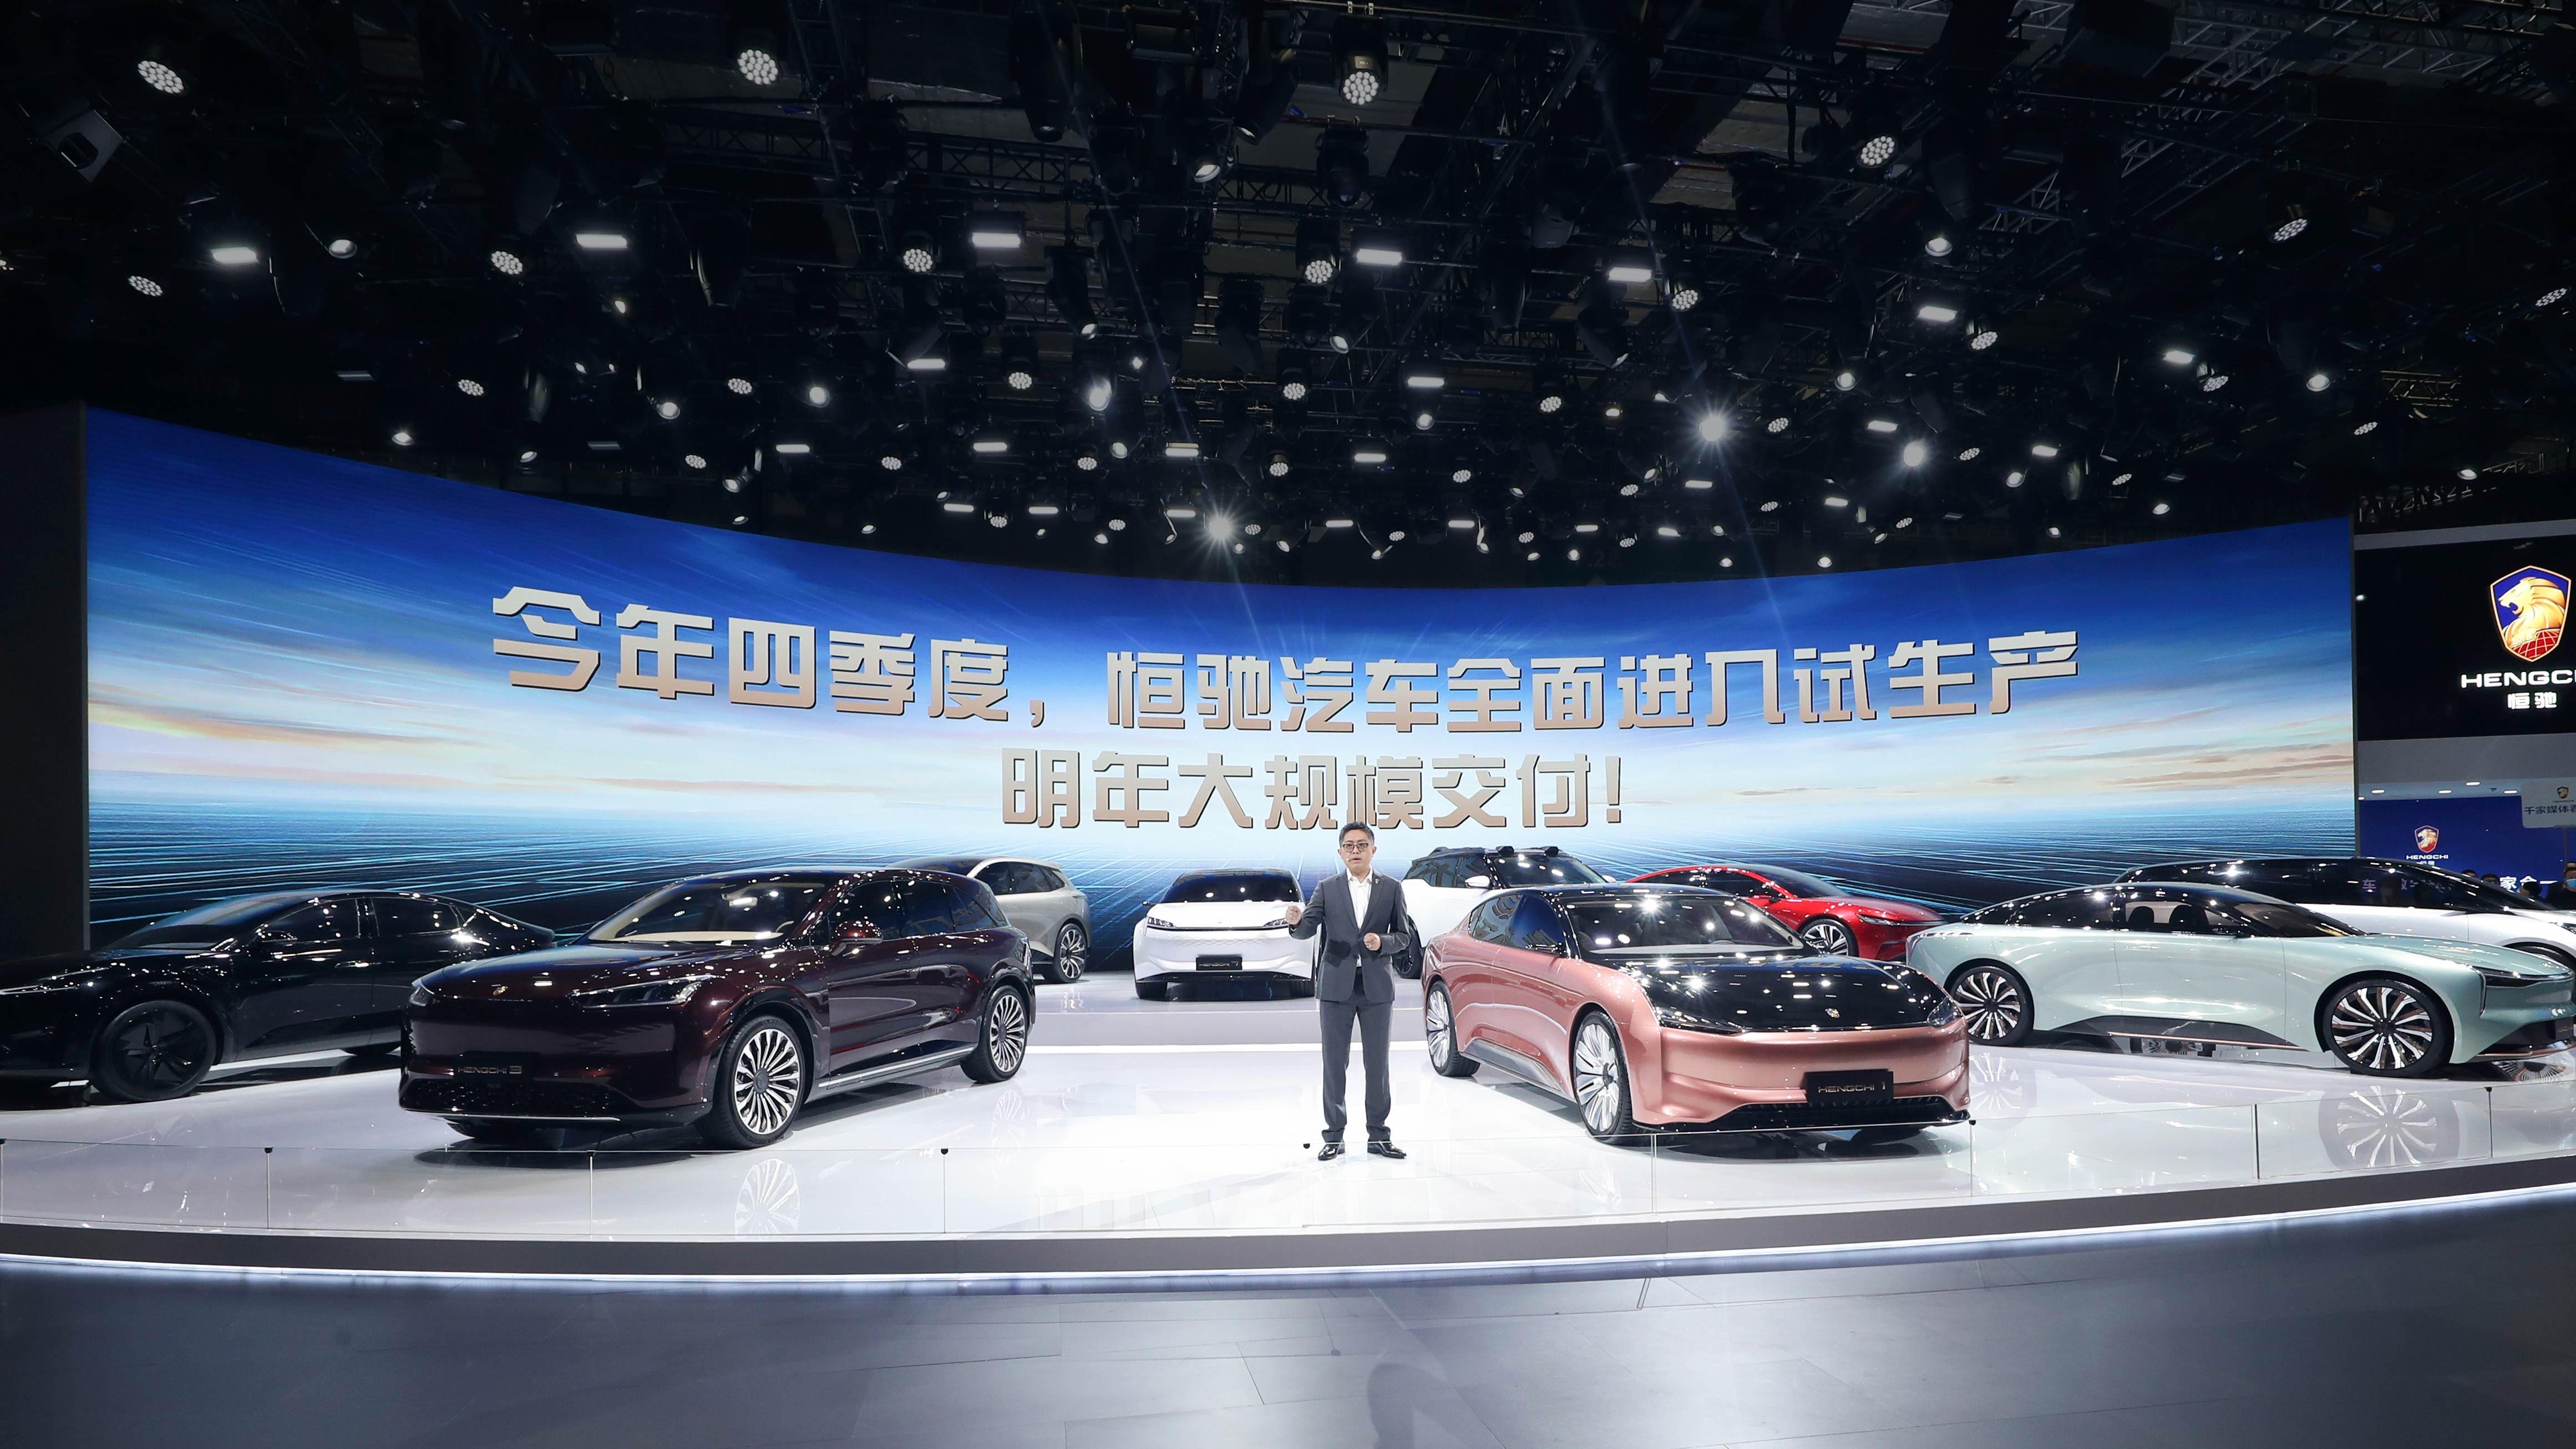 惊艳首秀!恒大汽车成上海车展焦点-新经济